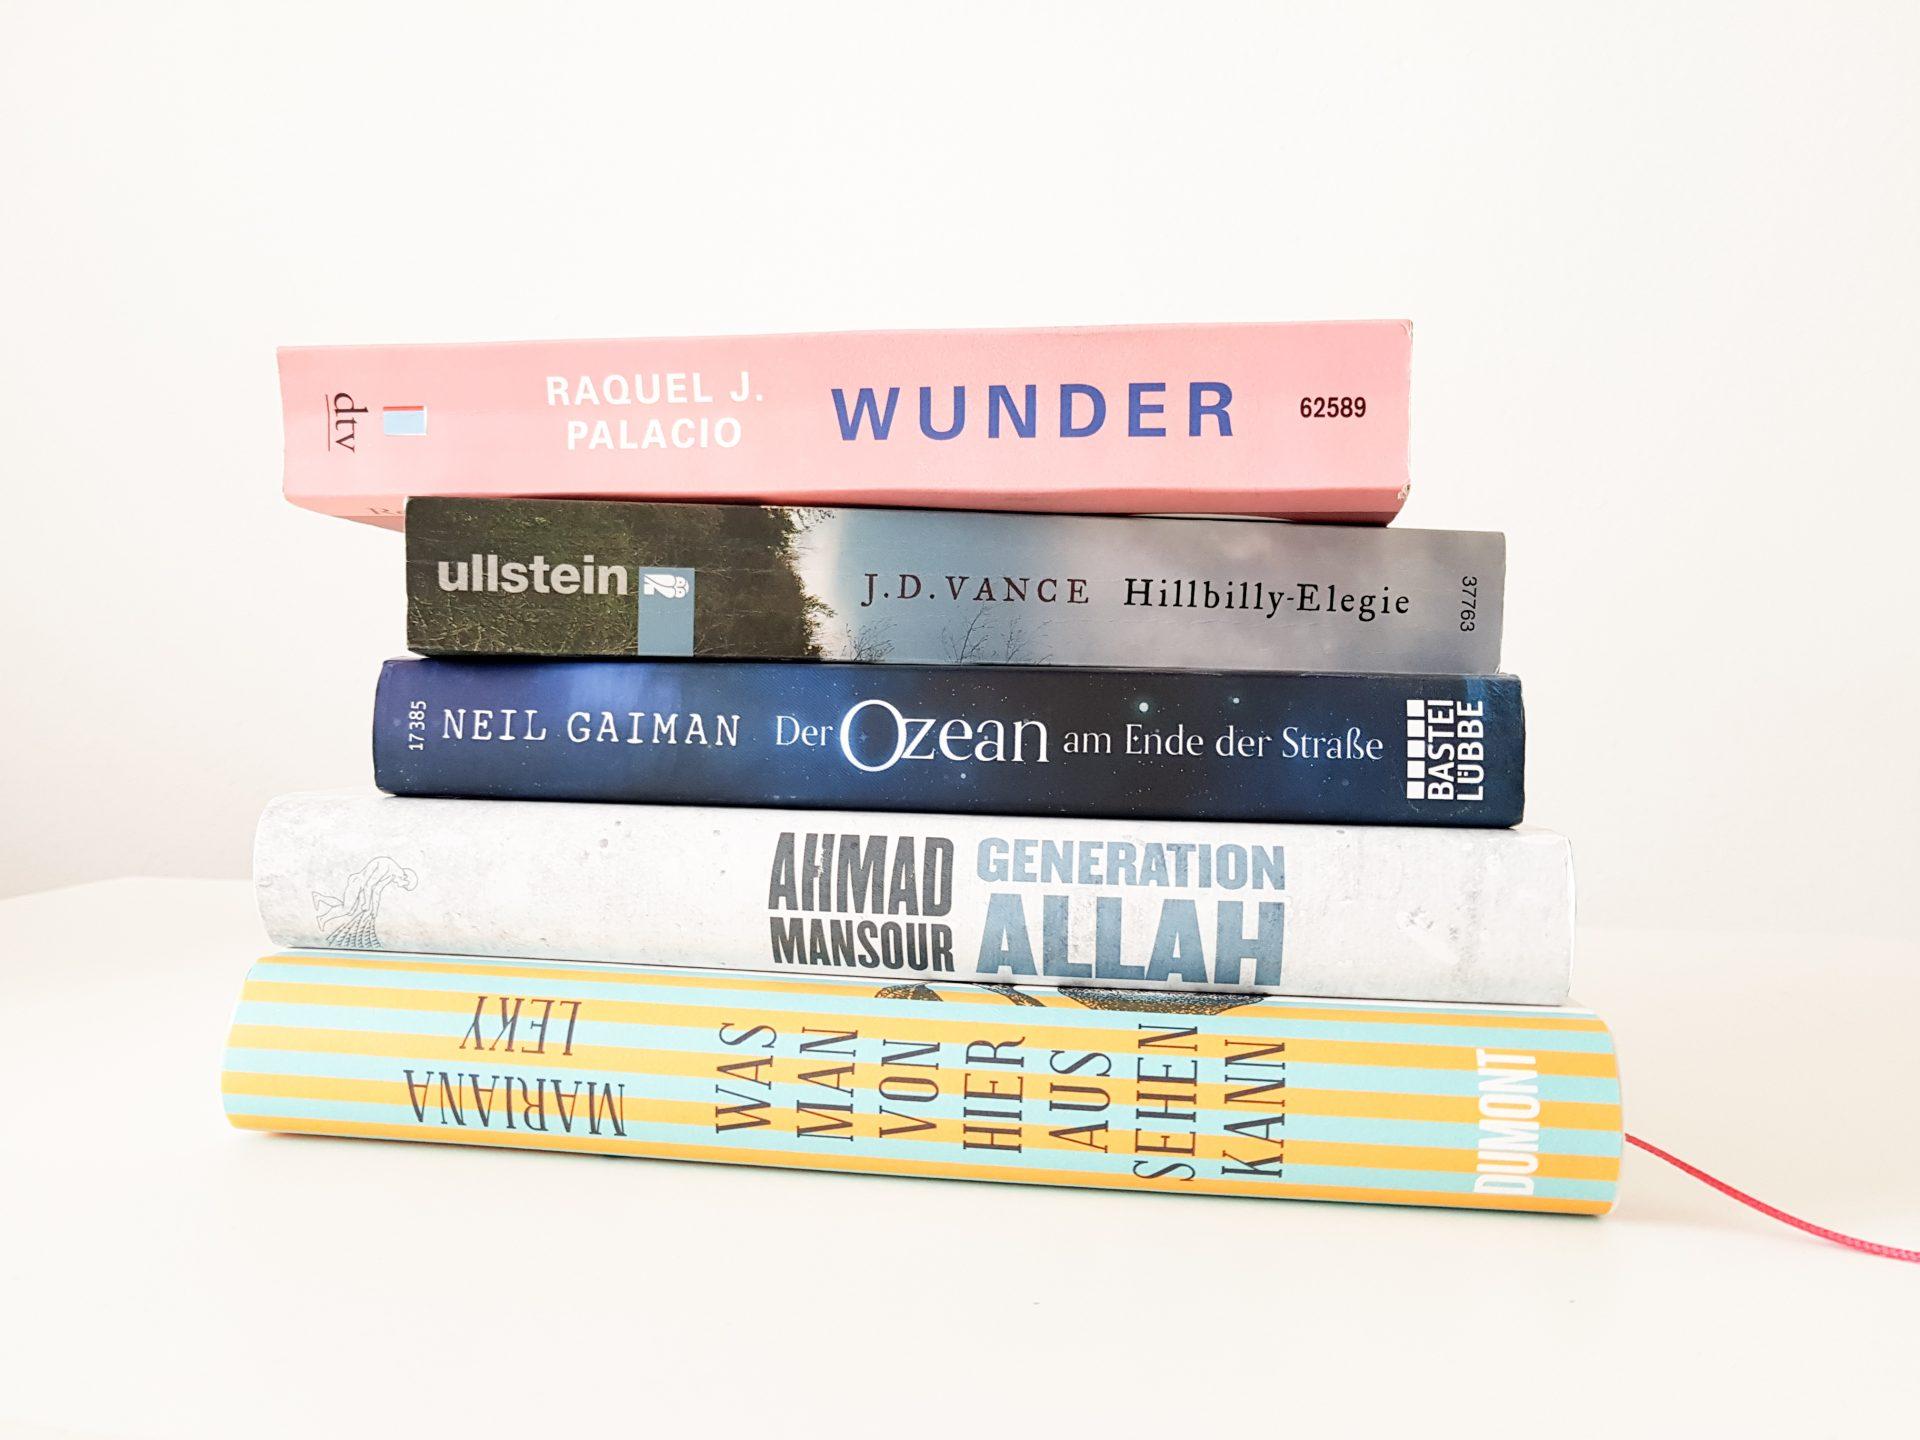 Ein Bücherstapel mit Büchern von Leky, Mansour, Gaiman, Vance und Palacio